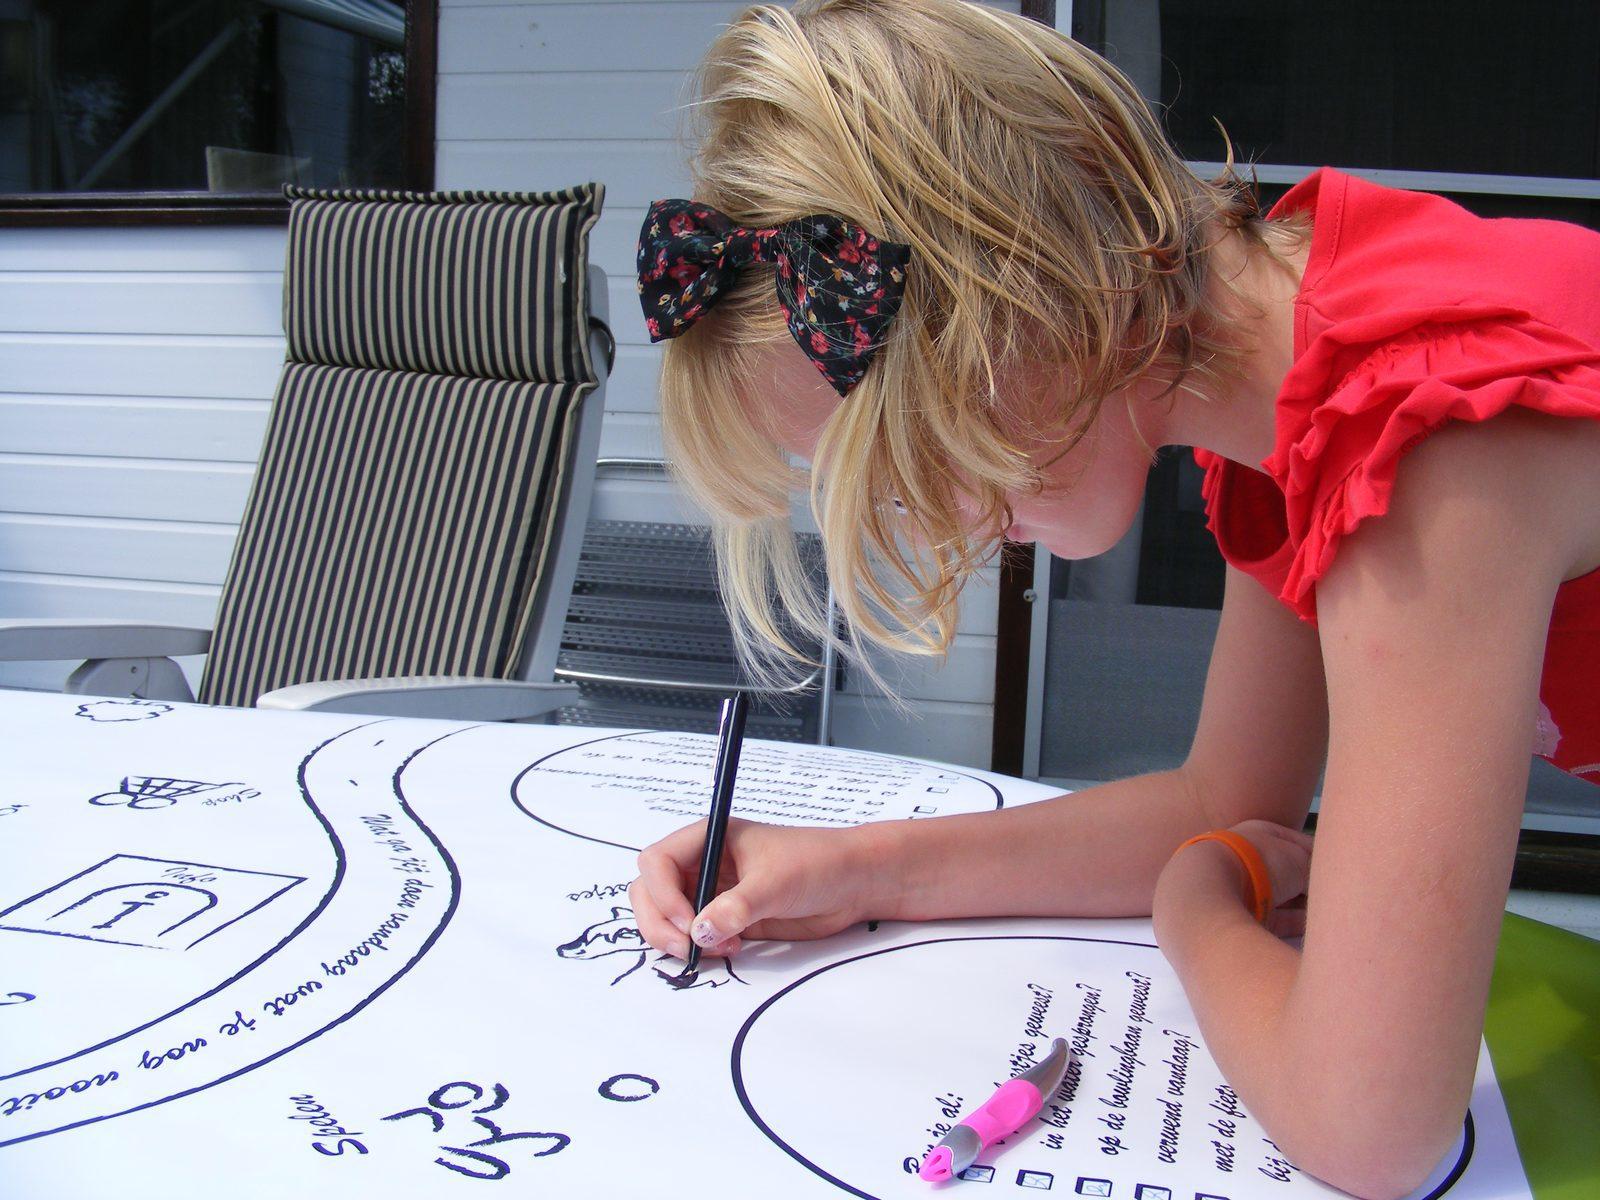 Vakantiecoach tafelkleed tijdens vakantie - optimaal genieten | Recreatiepark De Boshoek